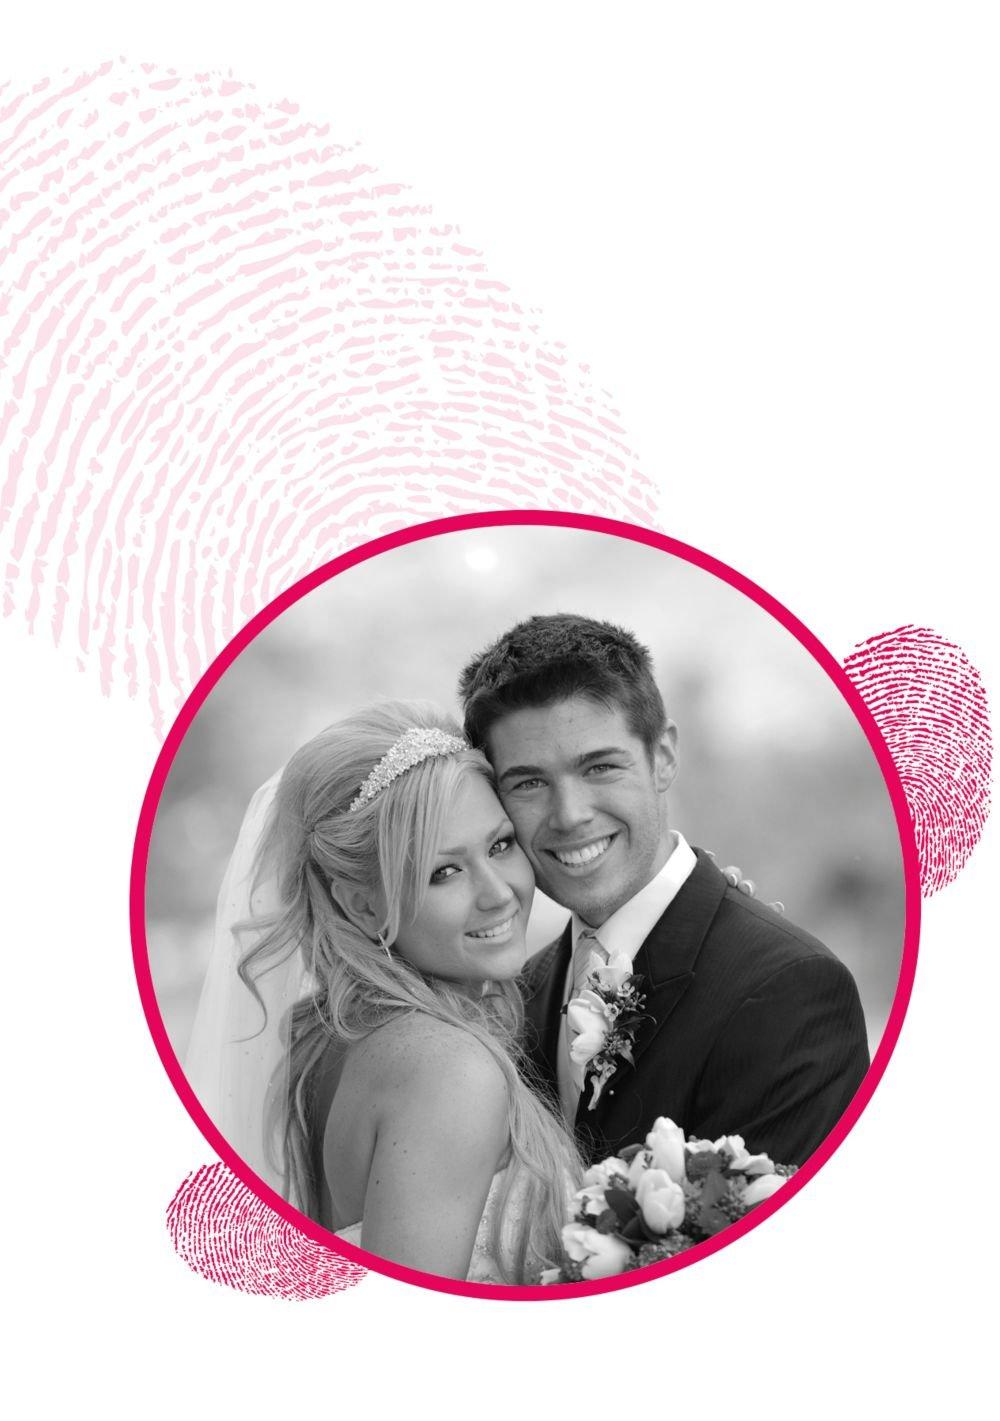 Kartenparadies Danksagung für Hochzeitsgeschenke Hochzeit Hochzeit Hochzeit Dankeskarte fingerprint, hochwertige Danksagungskarte Hochzeitsglückwünsche inklusive Umschläge   20 Karten - (Format  105x148 mm) Farbe  RosaLila B01N6TCGIP | Queensland  | Pe 353400